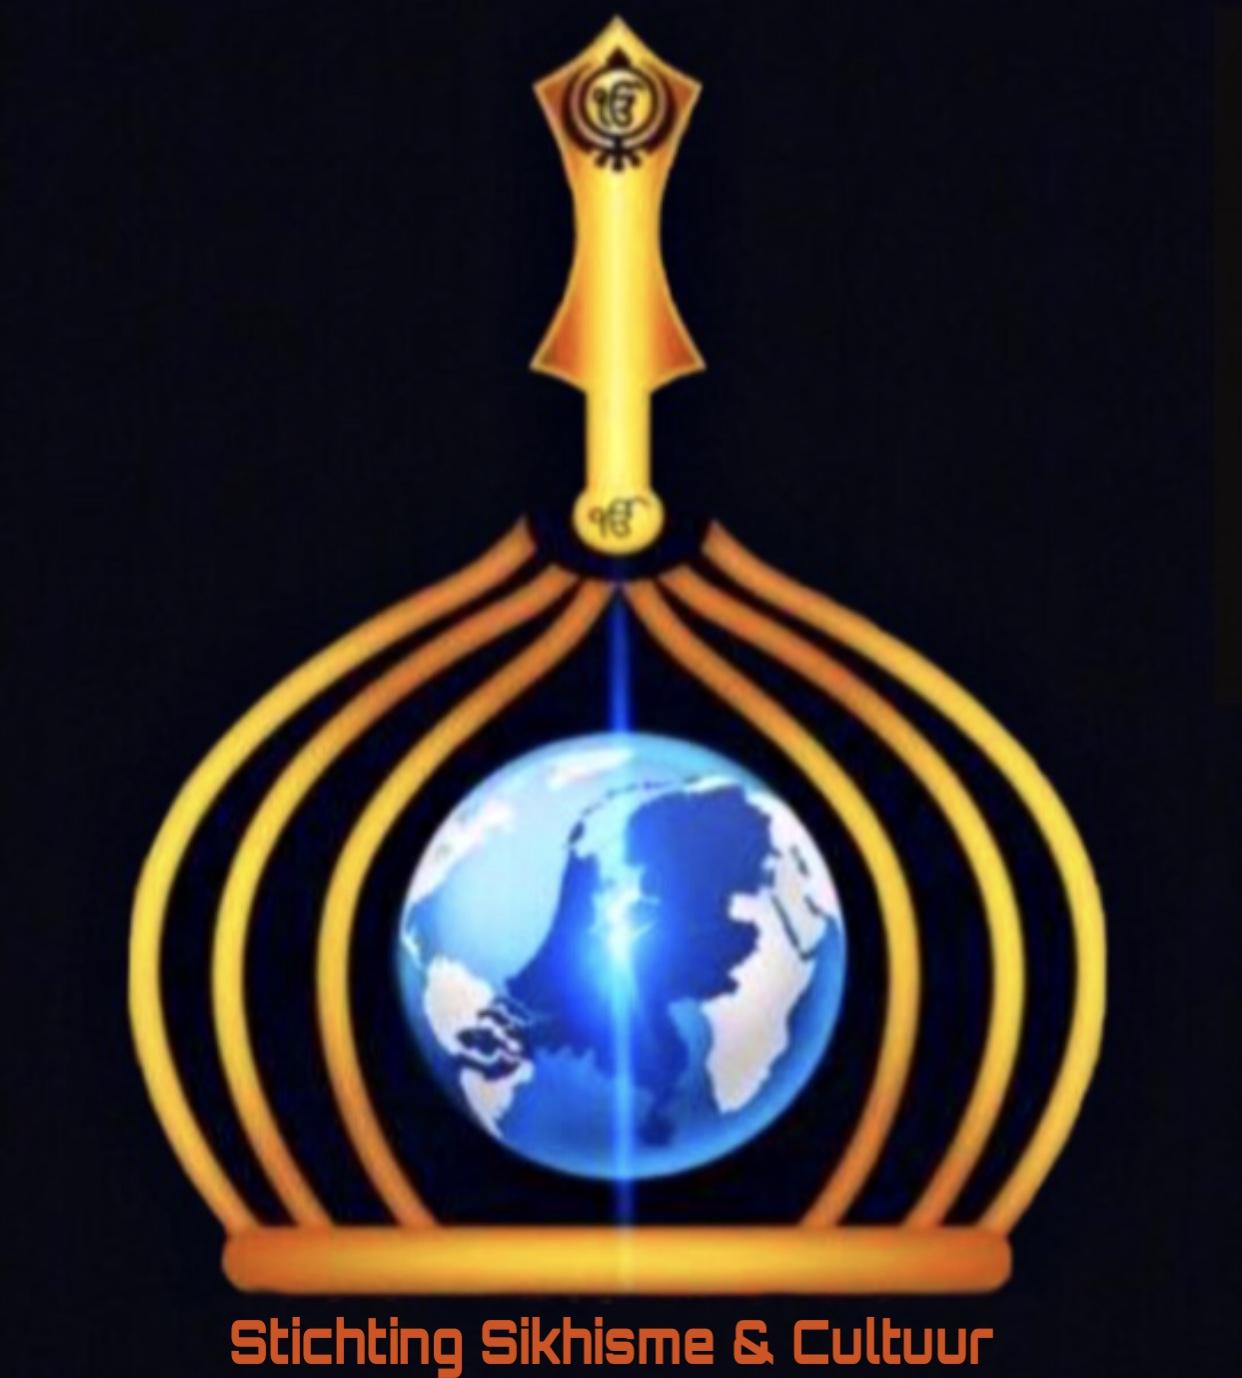 Stichting Sikhisme en Cultuur